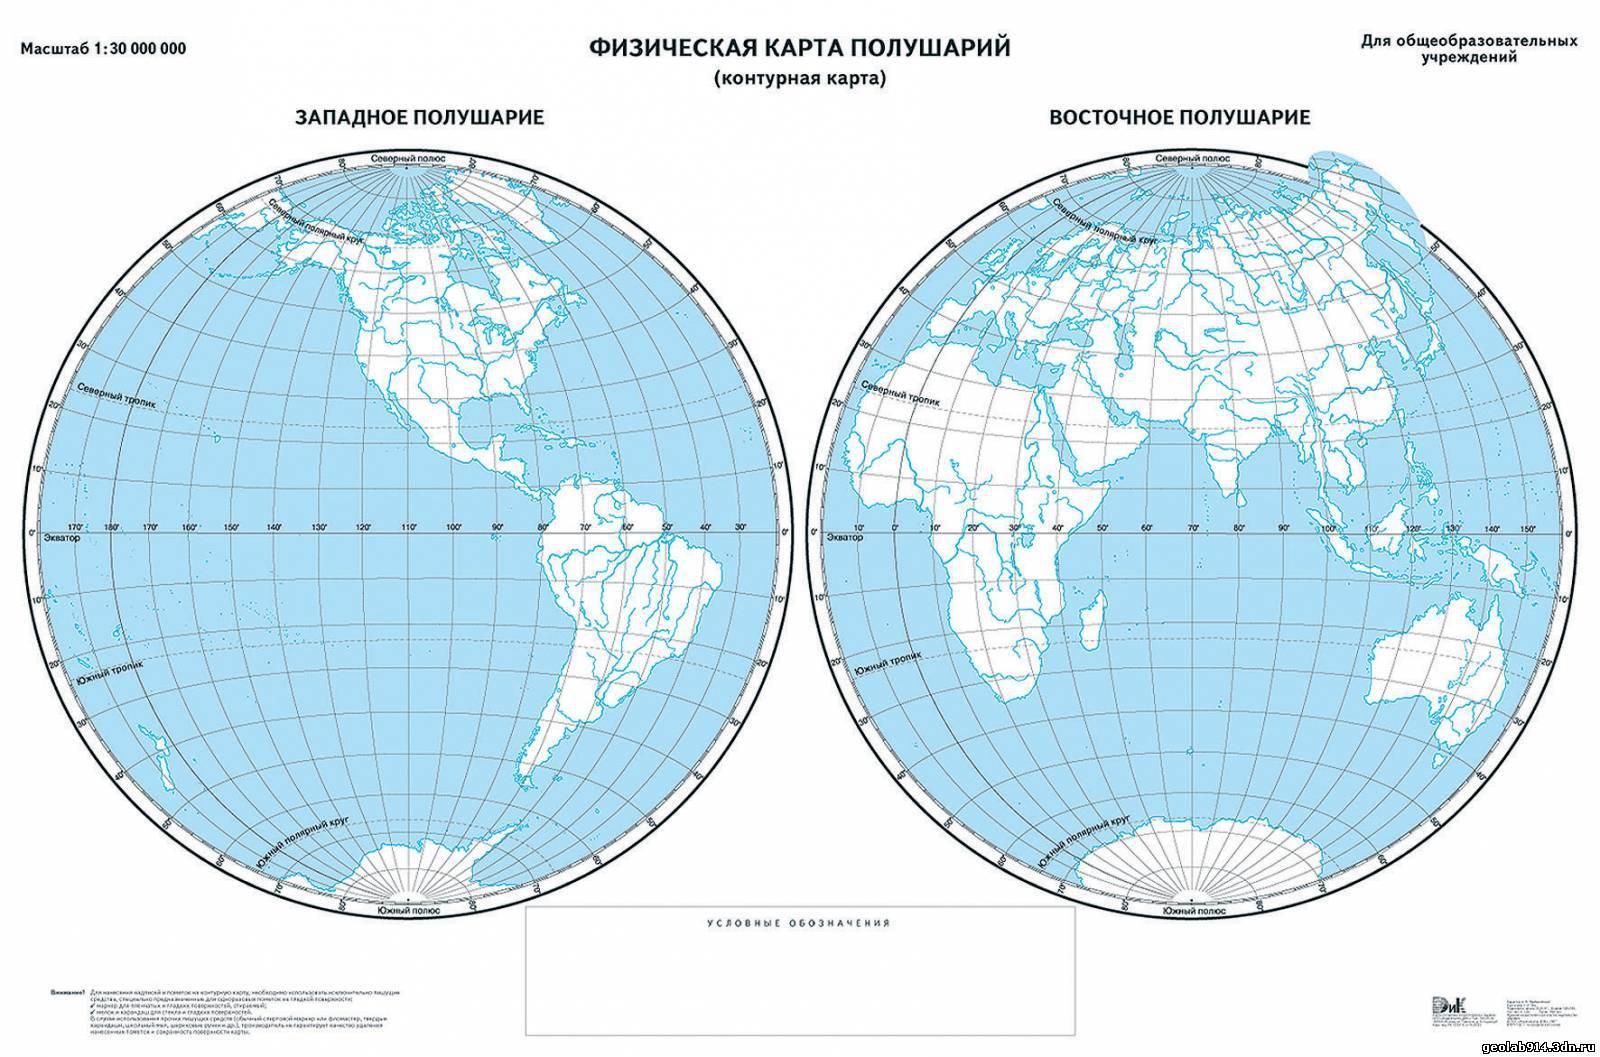 Сколько материков на земле 6 или 7 - частные заметки